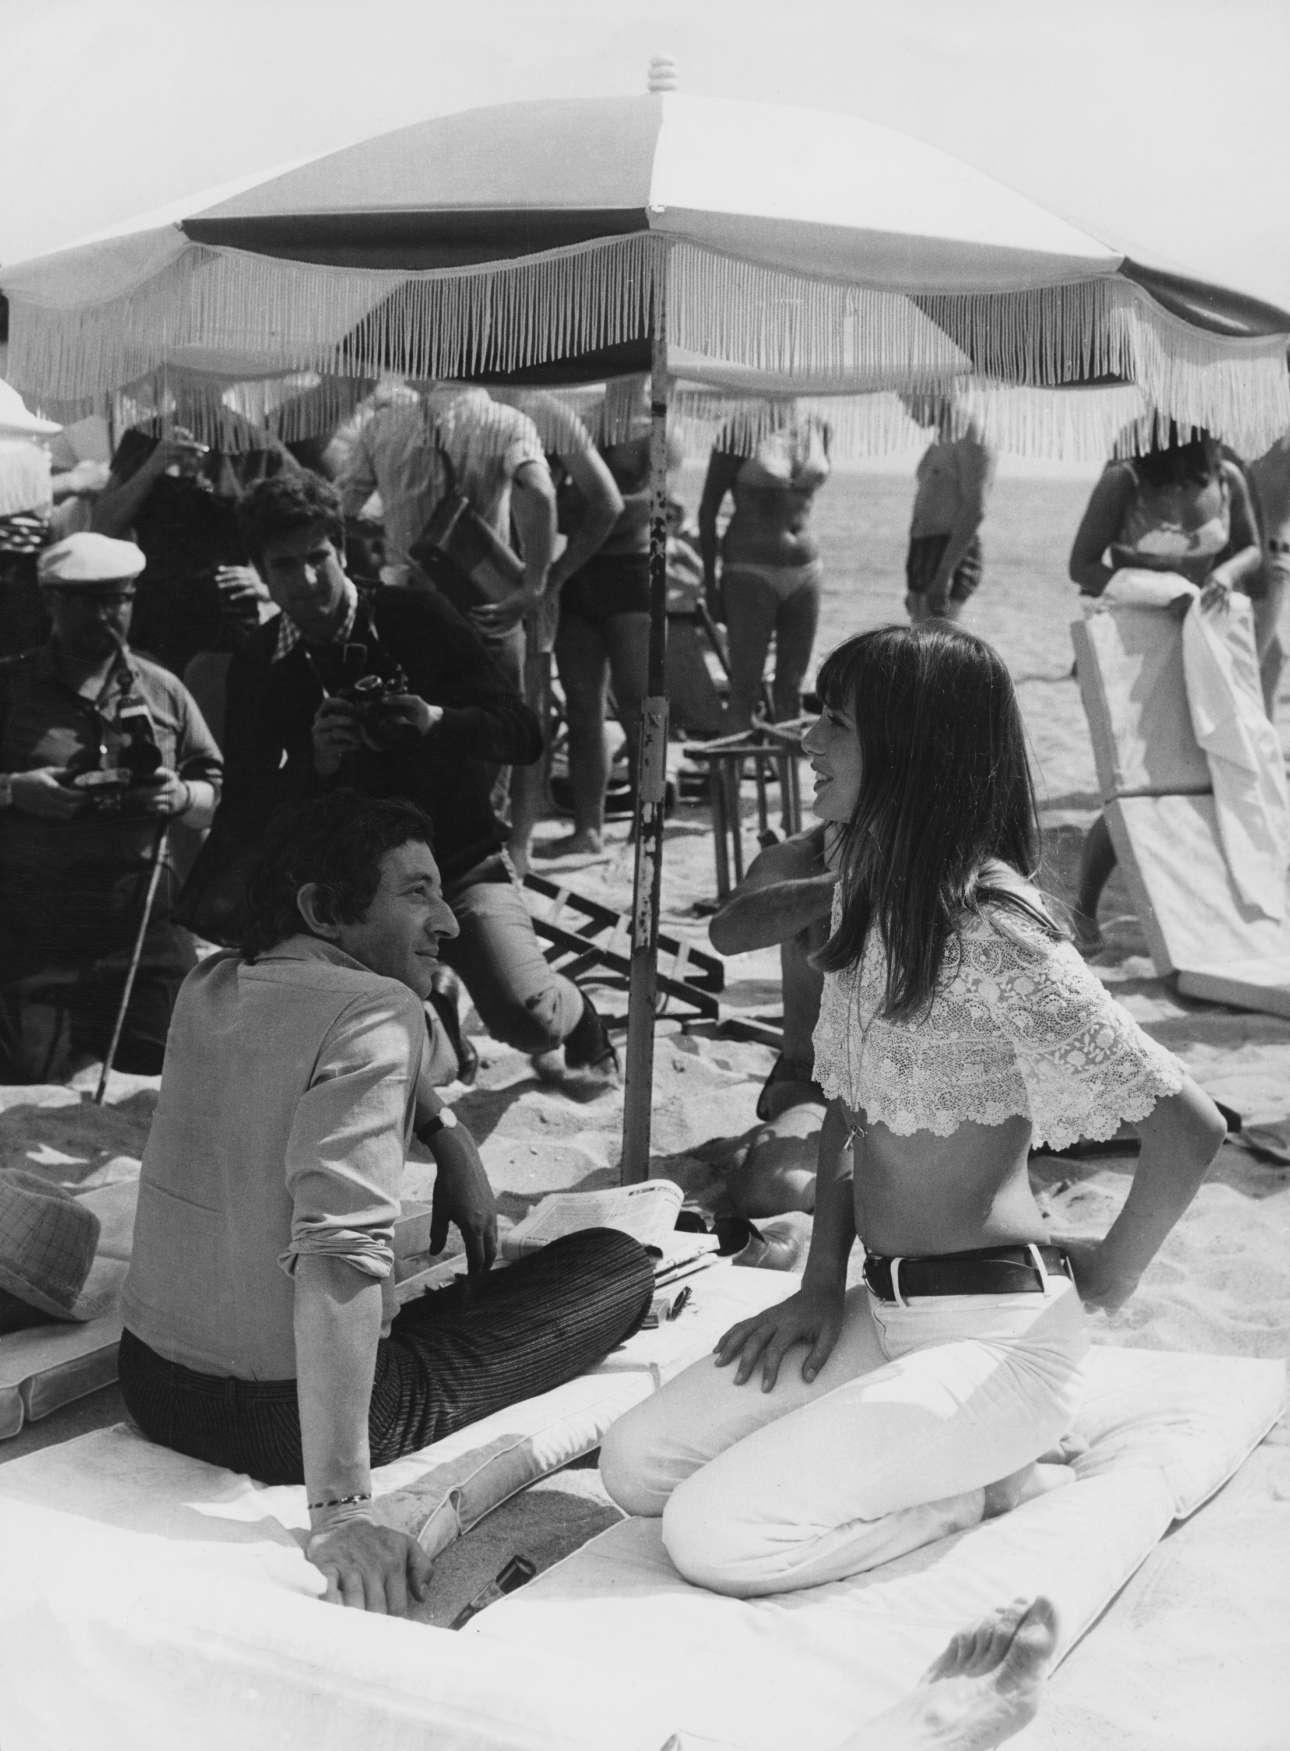 Μάιος 1969. Ενα ζευγάρι συνώνυμο του αισθησιασμού. Ο γάλλος τραγουδοποιός Σερζ Γκενσμπούρ με τη βρετανή ηθοποιό Τζέιν Μπίρκιν στην παραλία των Καννών